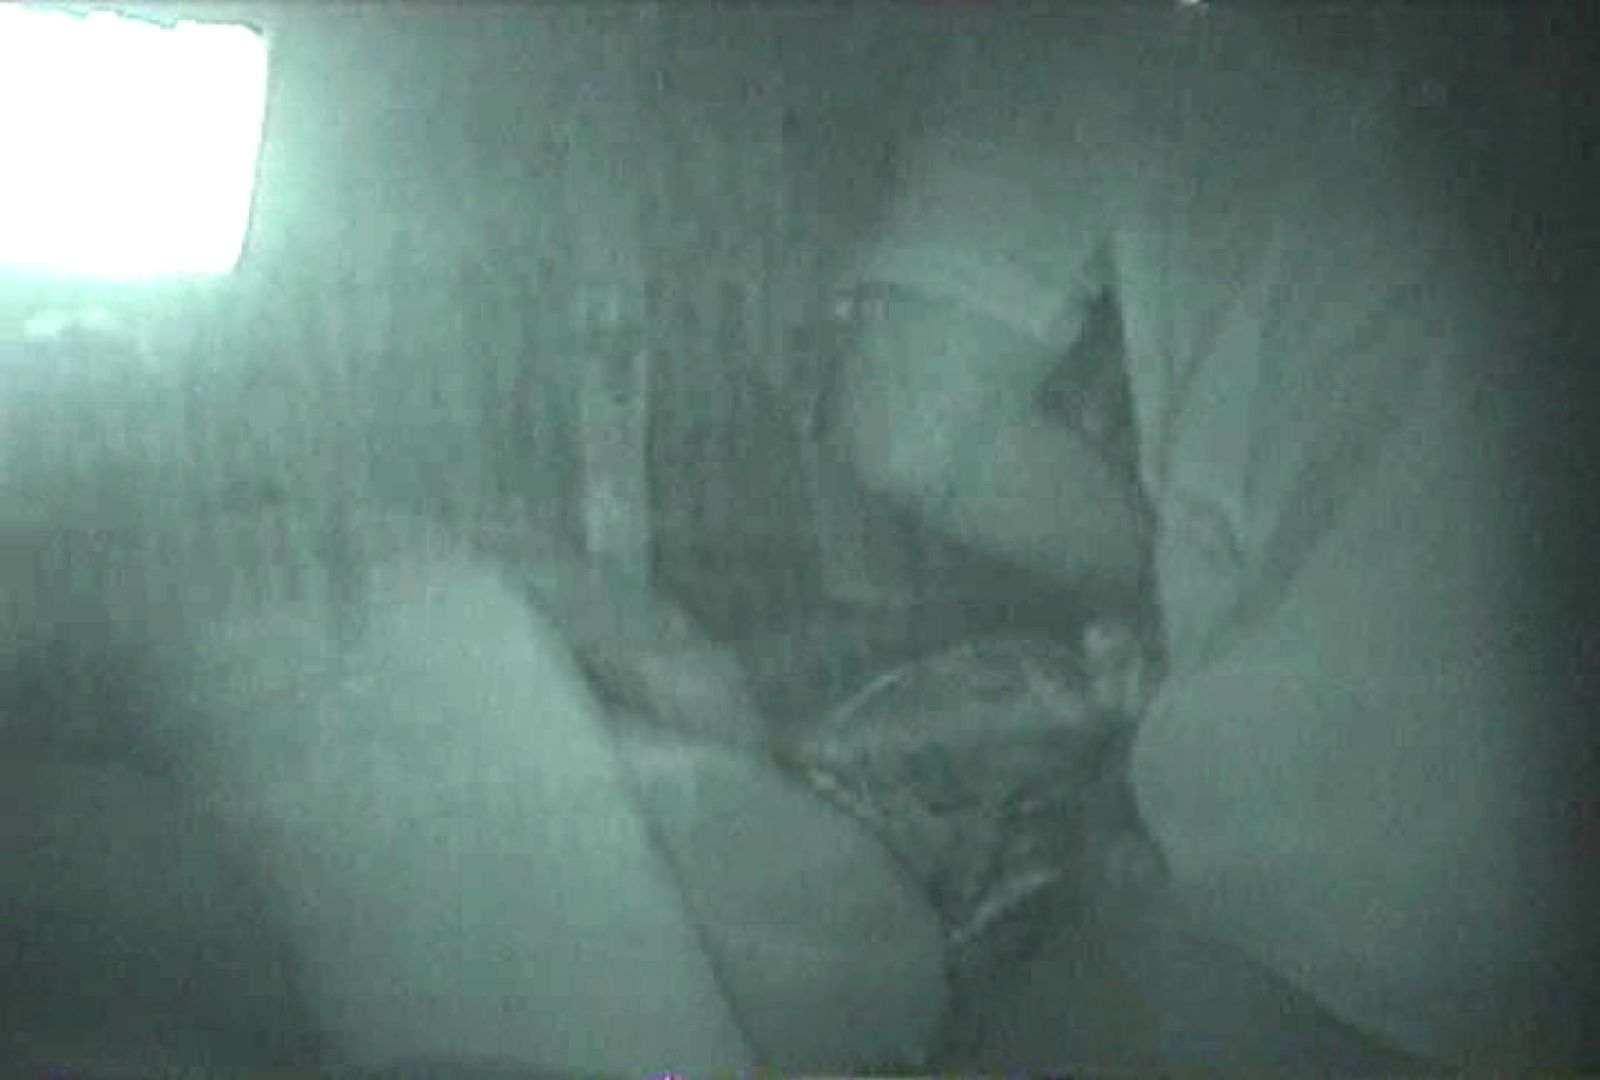 充血監督の深夜の運動会Vol.61 ギャルヌード   OLセックス  53画像 52